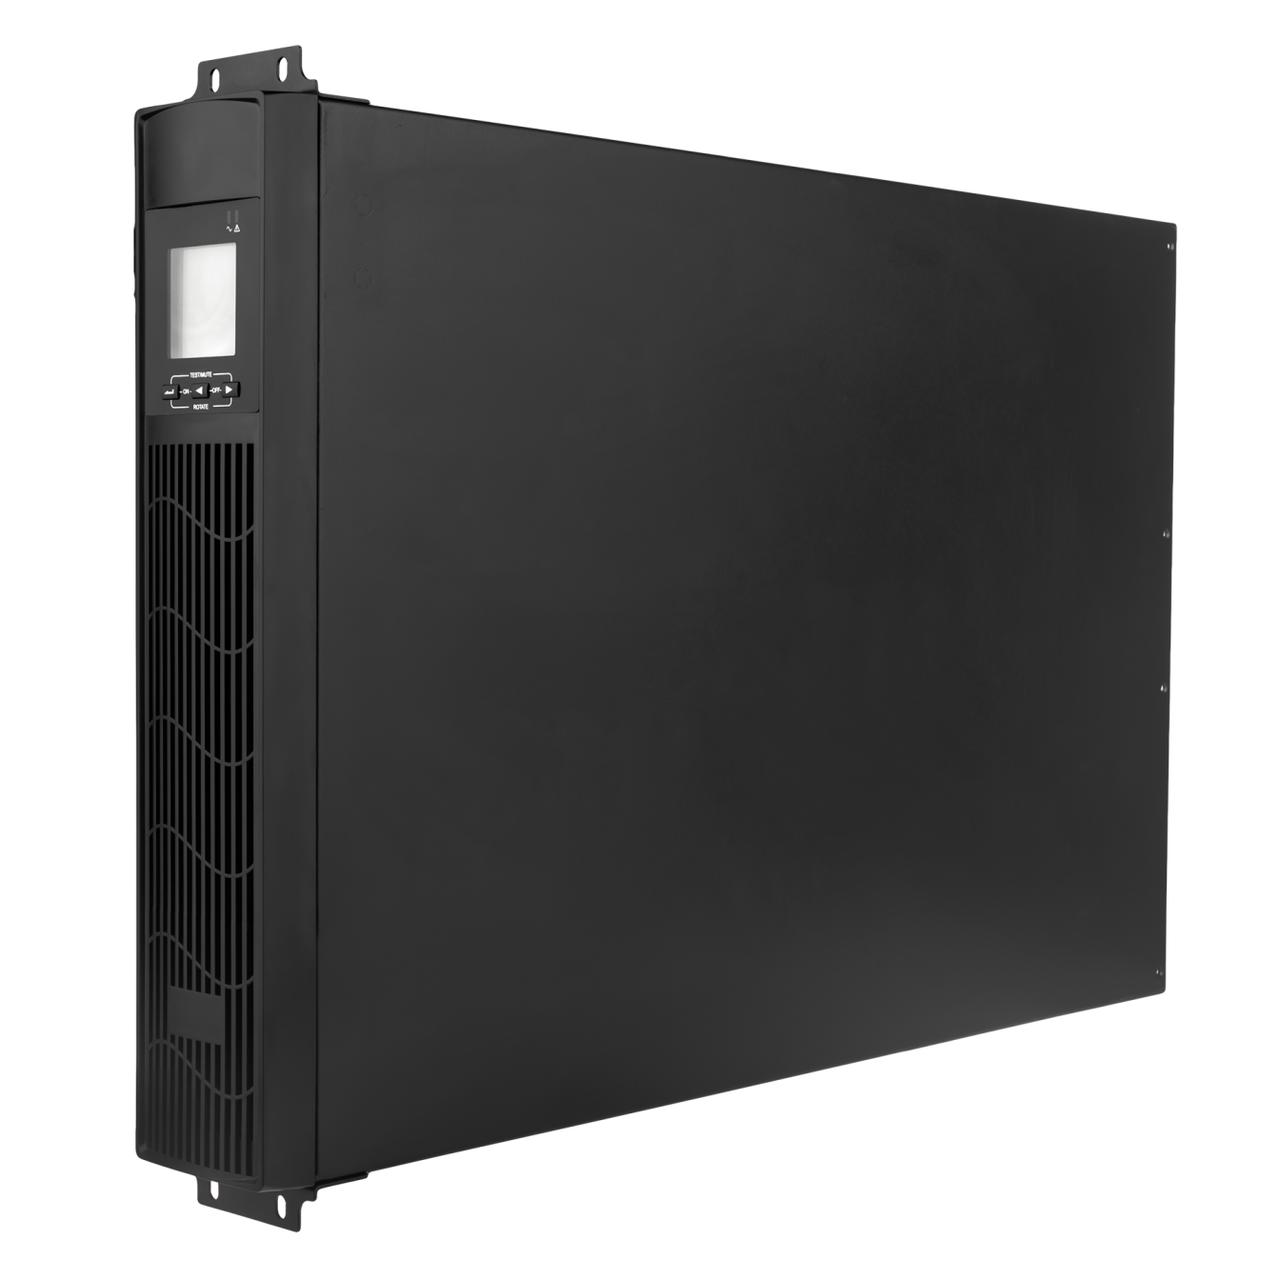 Источник бесперебойного питания Smart LogicPower-1500 PRO (rack mounts)